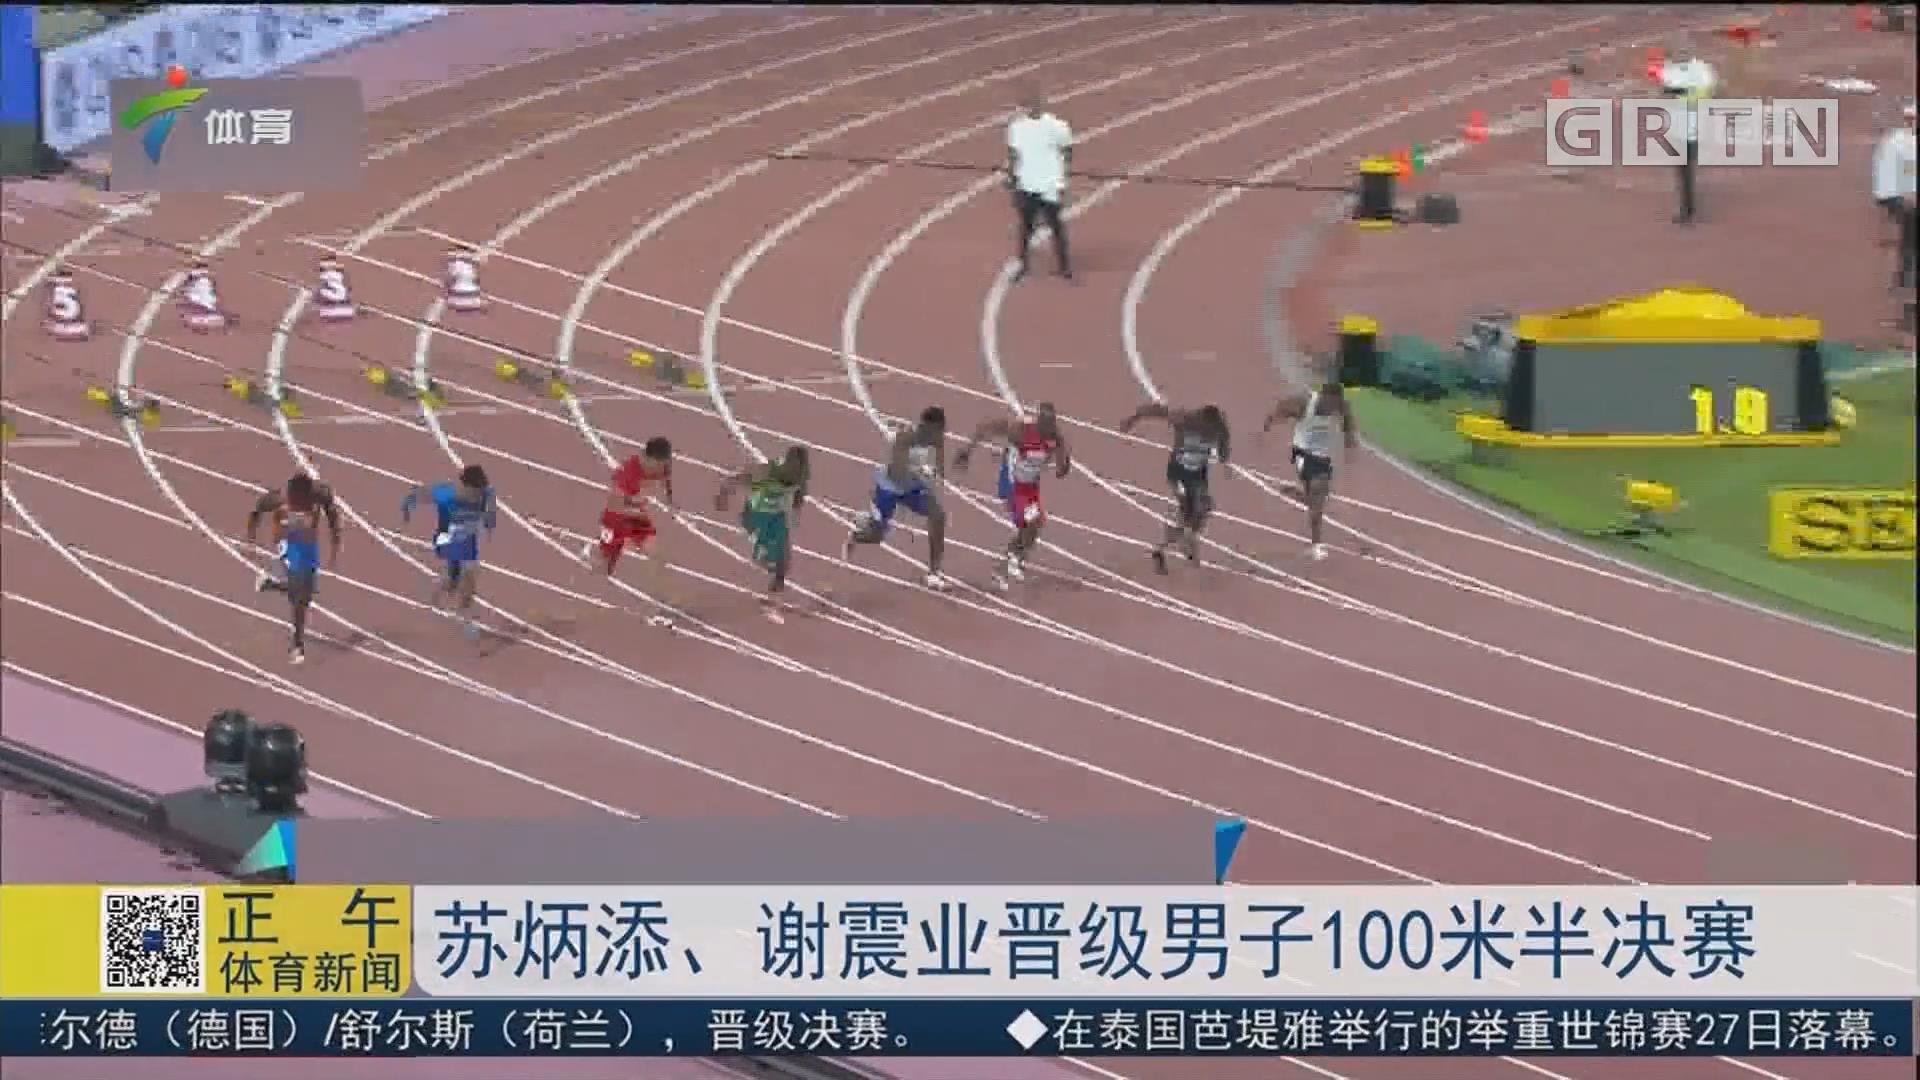 苏炳添、谢震业晋级男子100米半决赛